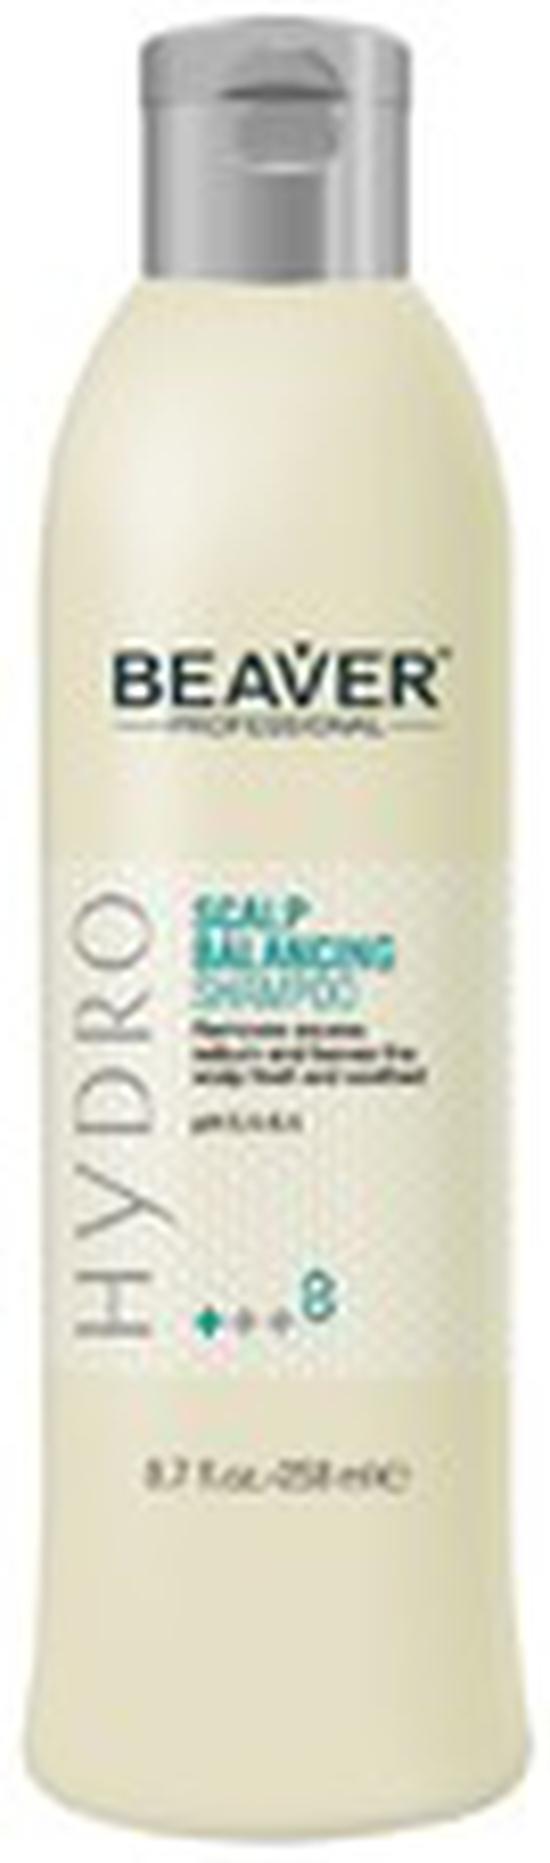 Dầu gội cho tóc dầu Beaver Hydro Scalp Balancing Shampoo +++8 258ml